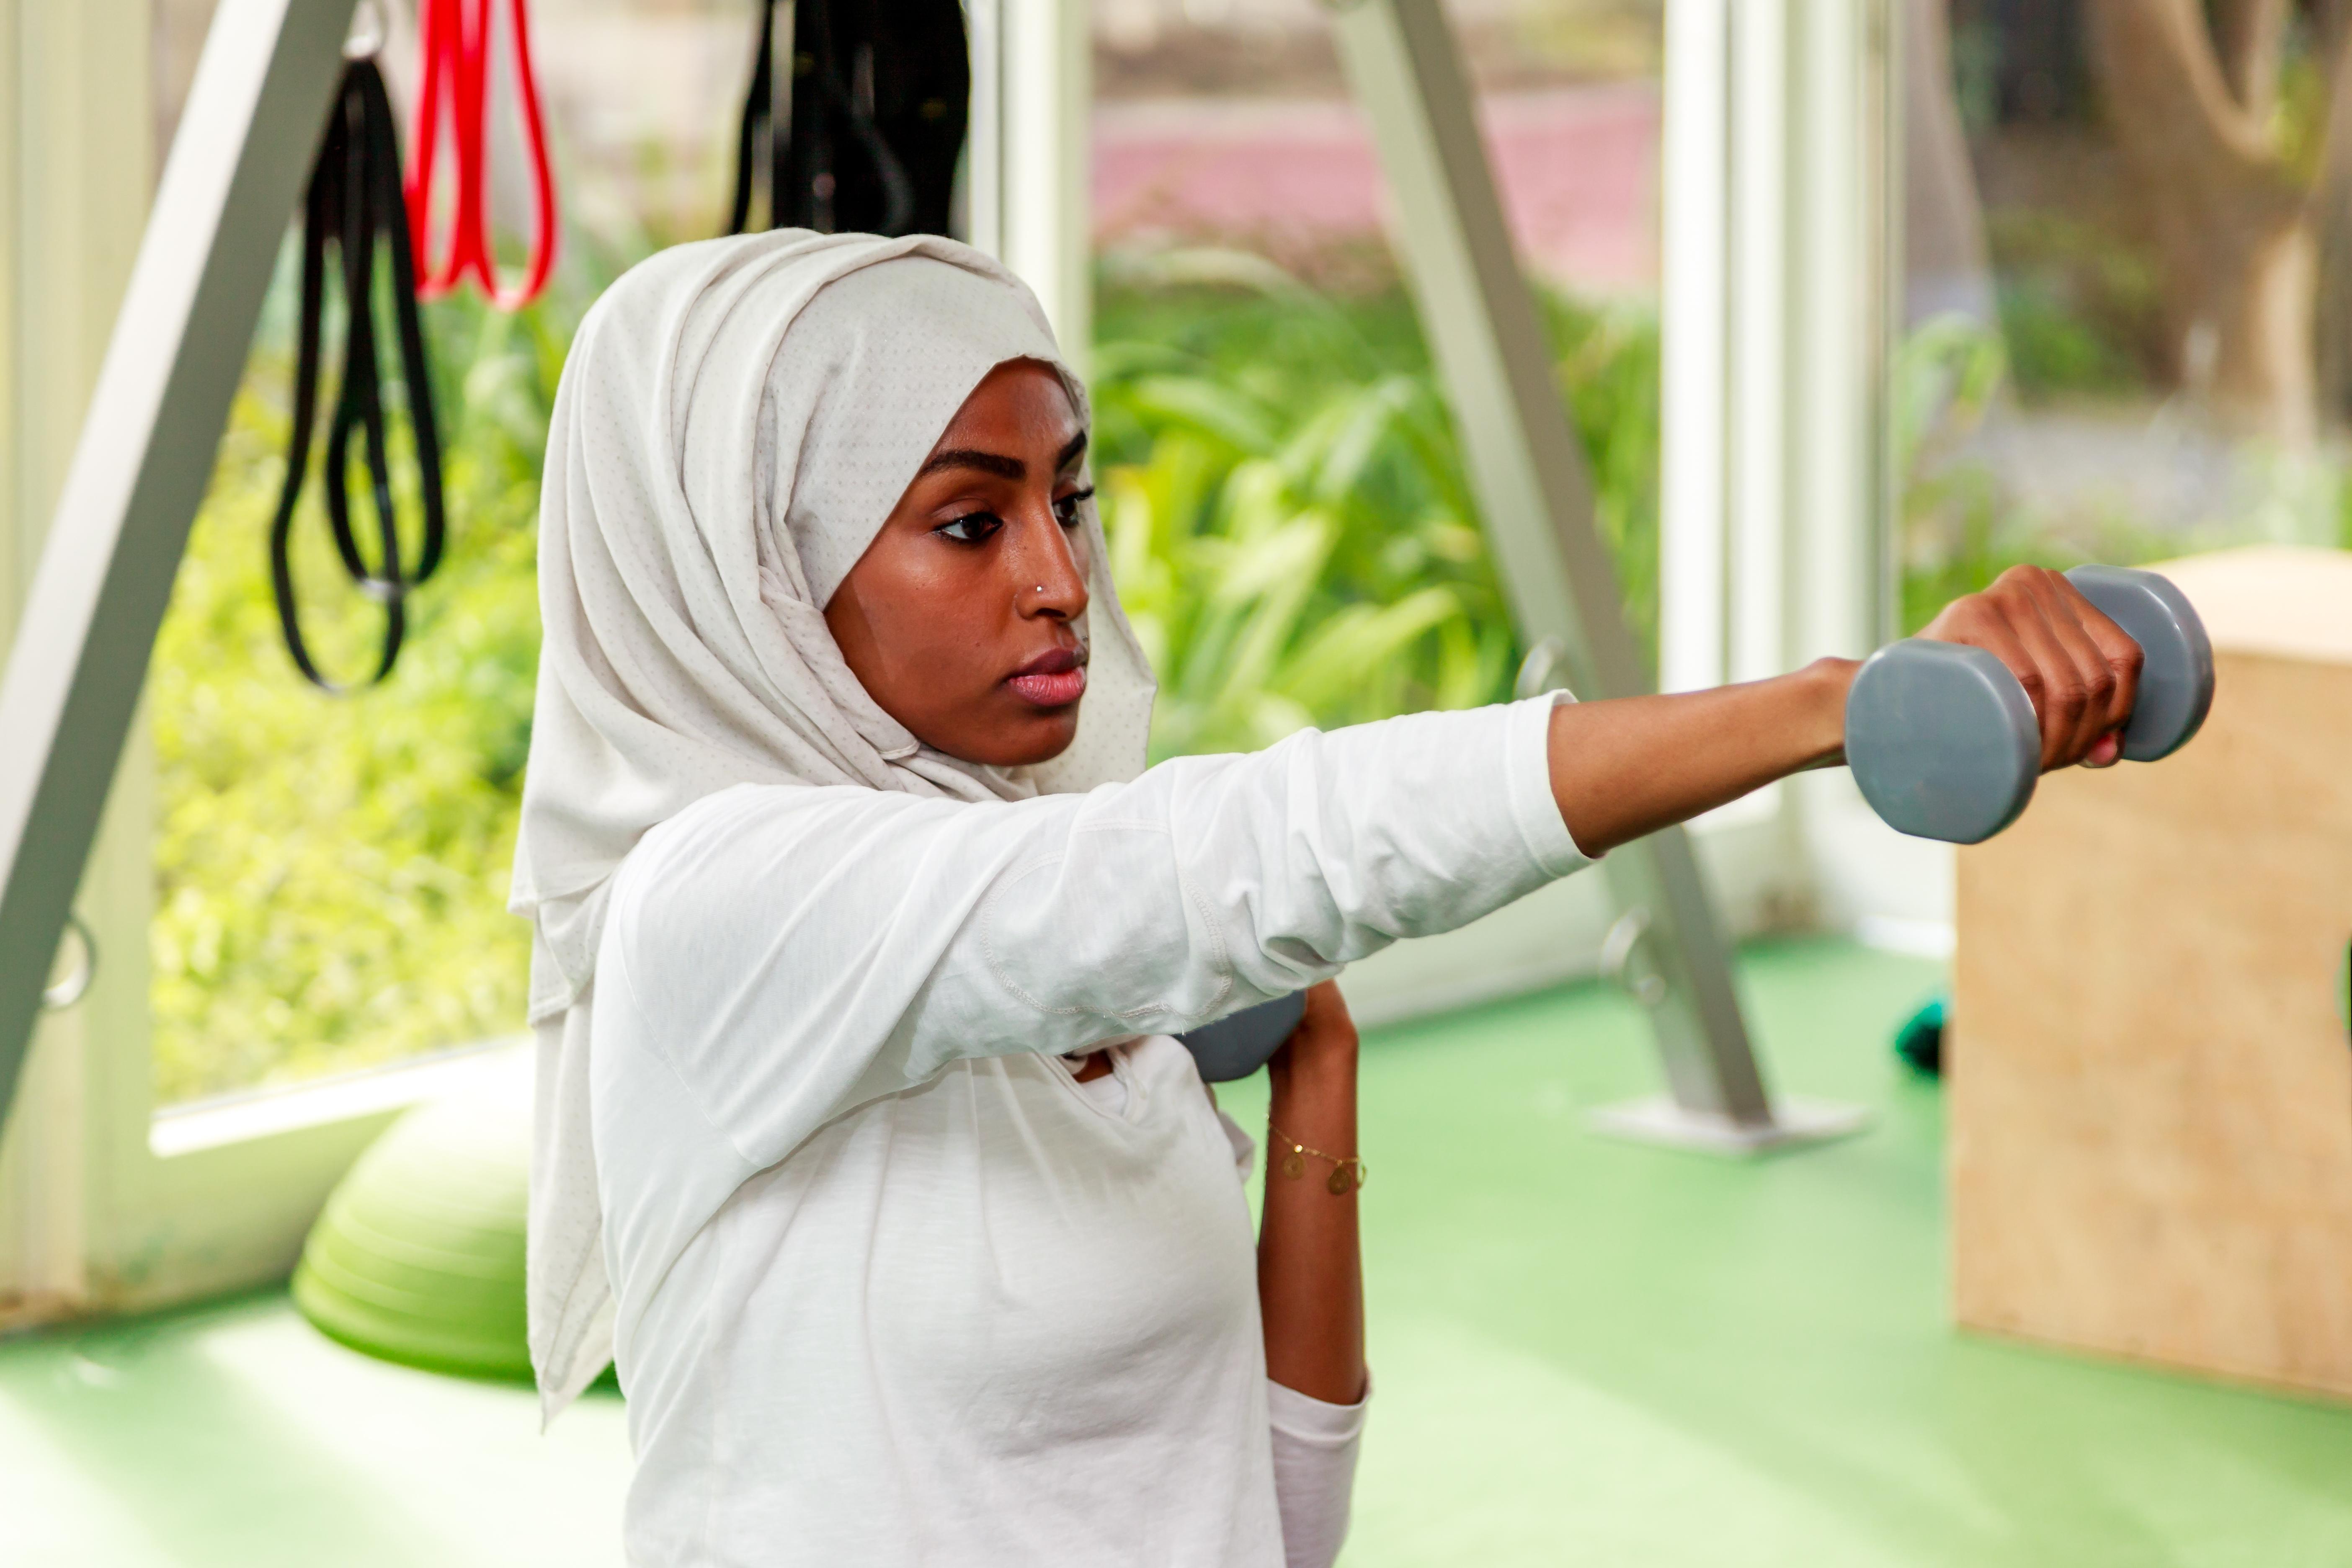 För den som vill träna samtidig som man fastar bör man vara medveten om att prestationen kan påverkas.